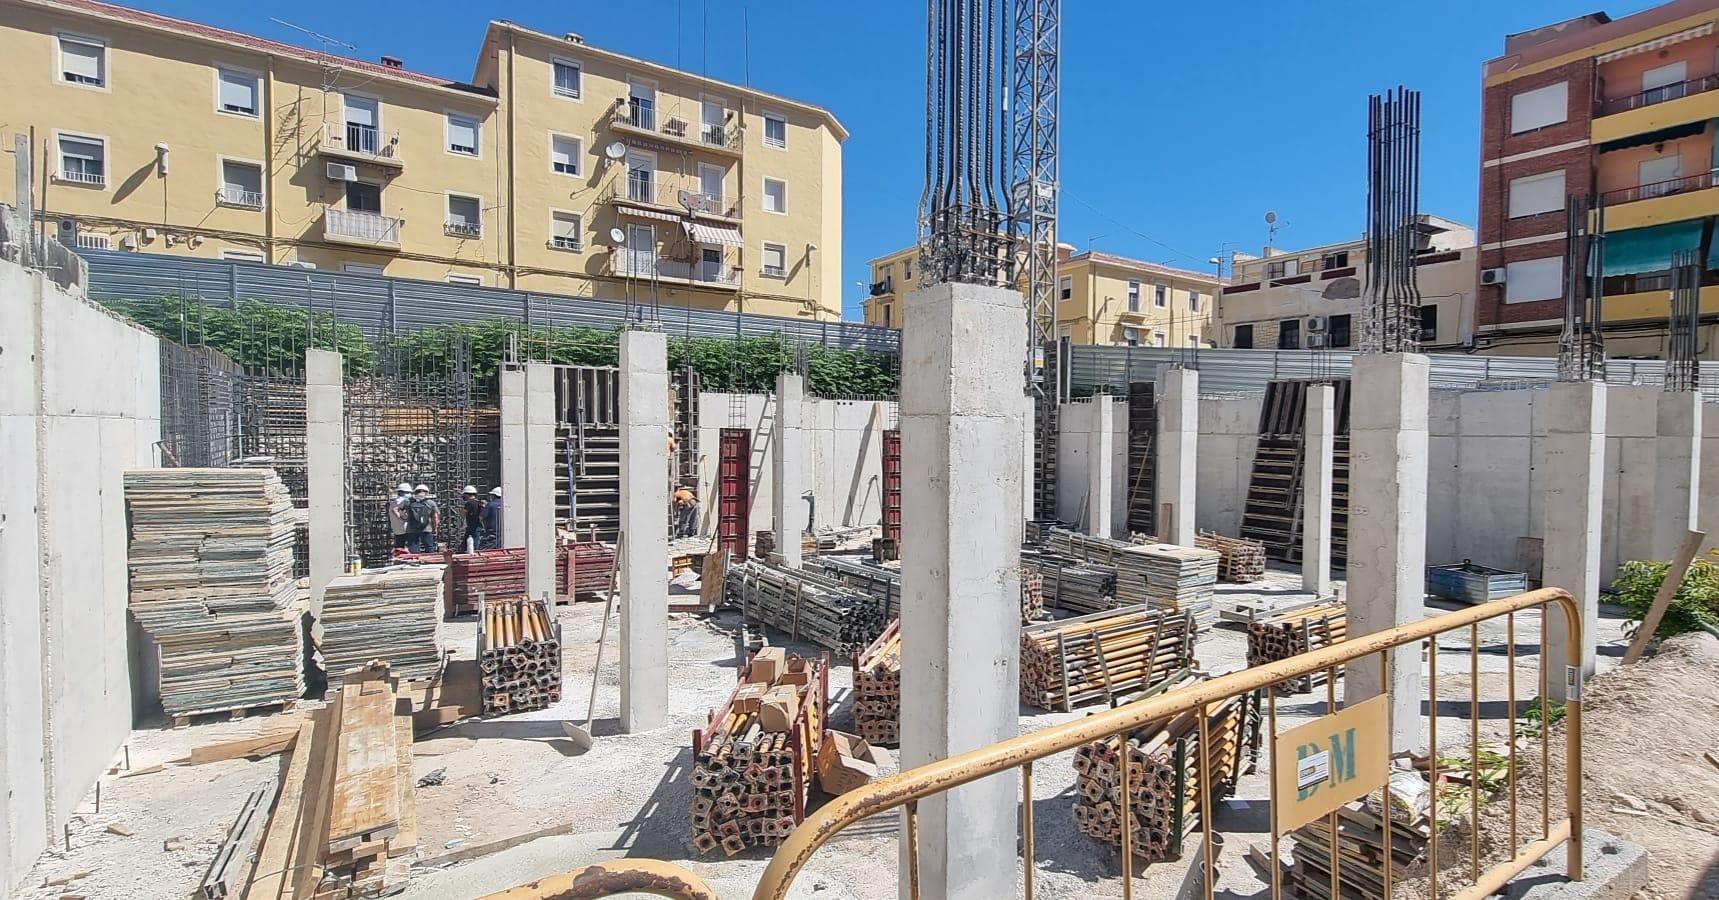 El Consultorio Médico de Virgen de la Cabeza comienza a tomar cuerpo con la finalización de la cimentación y los muros de contención